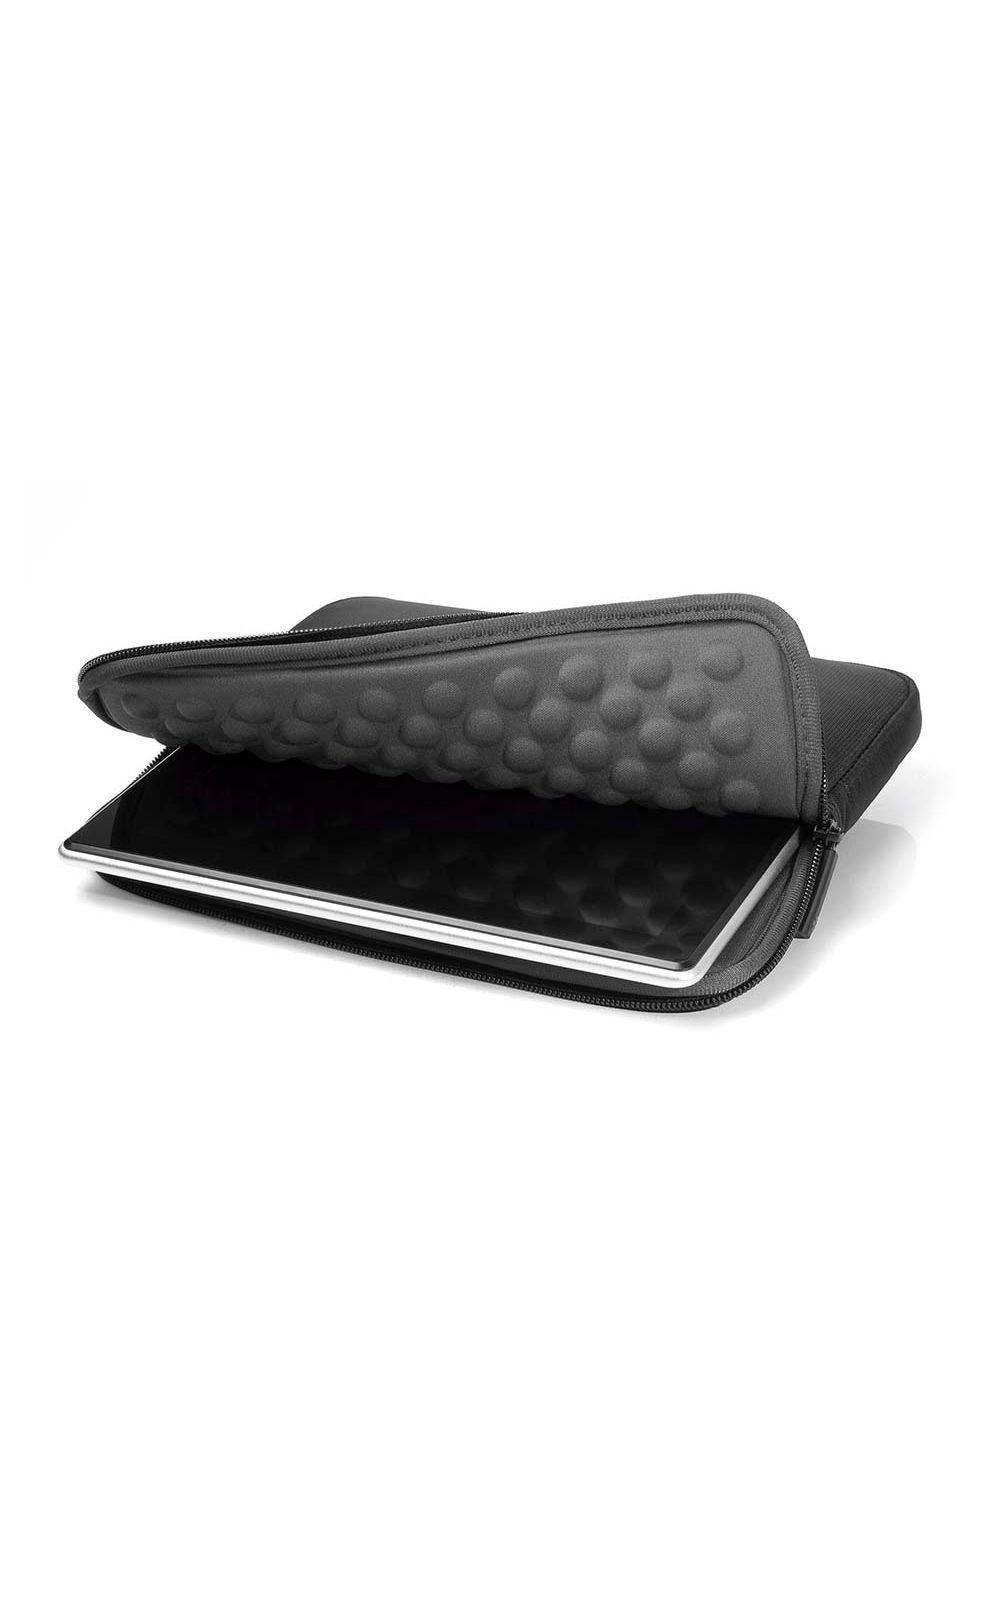 Foto 2 - Case Nylon Multilaser para Tablet e Netbook Dupla Camada Ate 10Pol - BO302